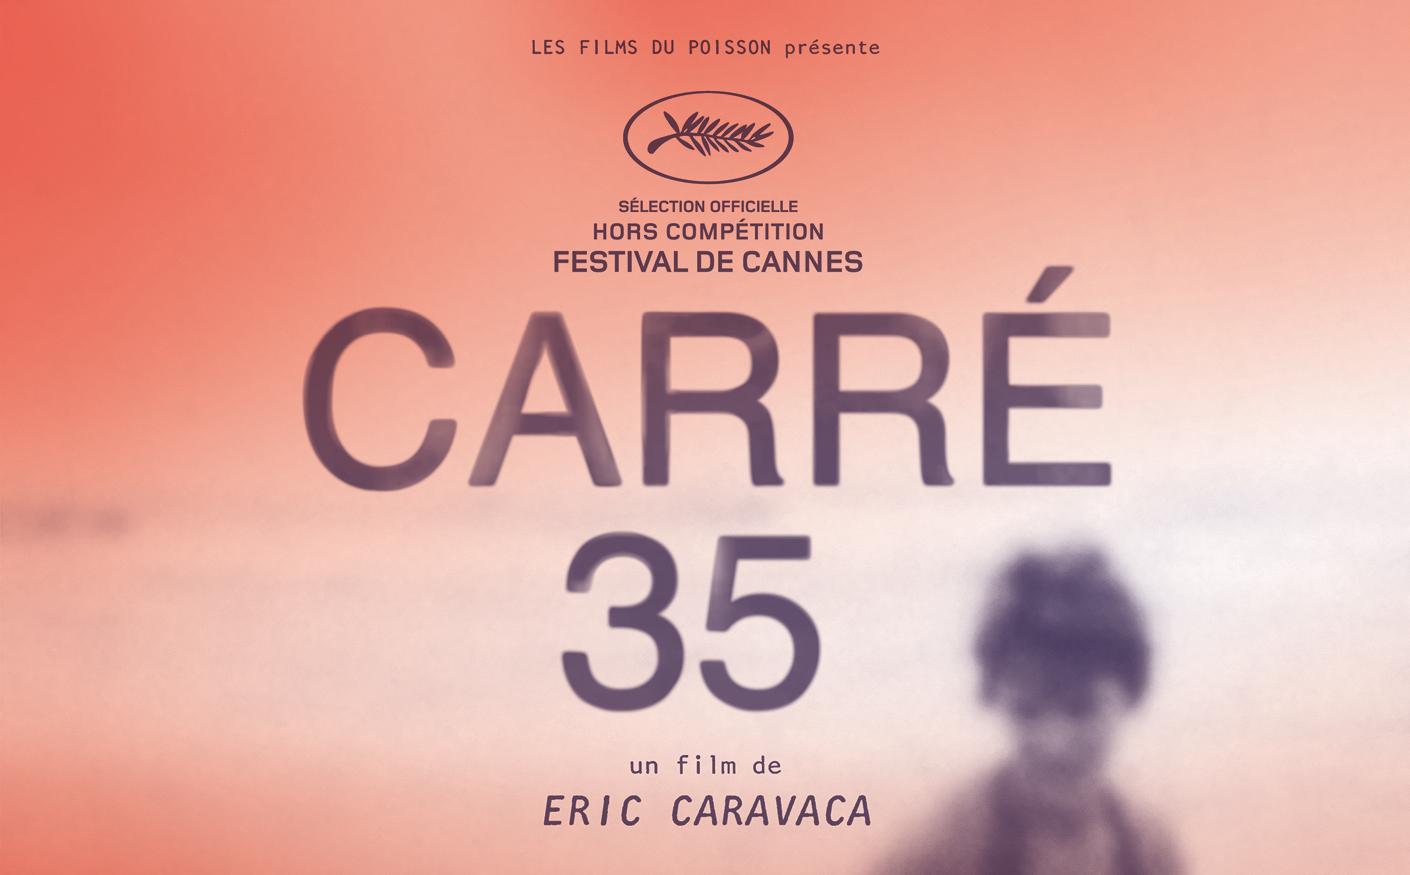 Carré <br/> 35